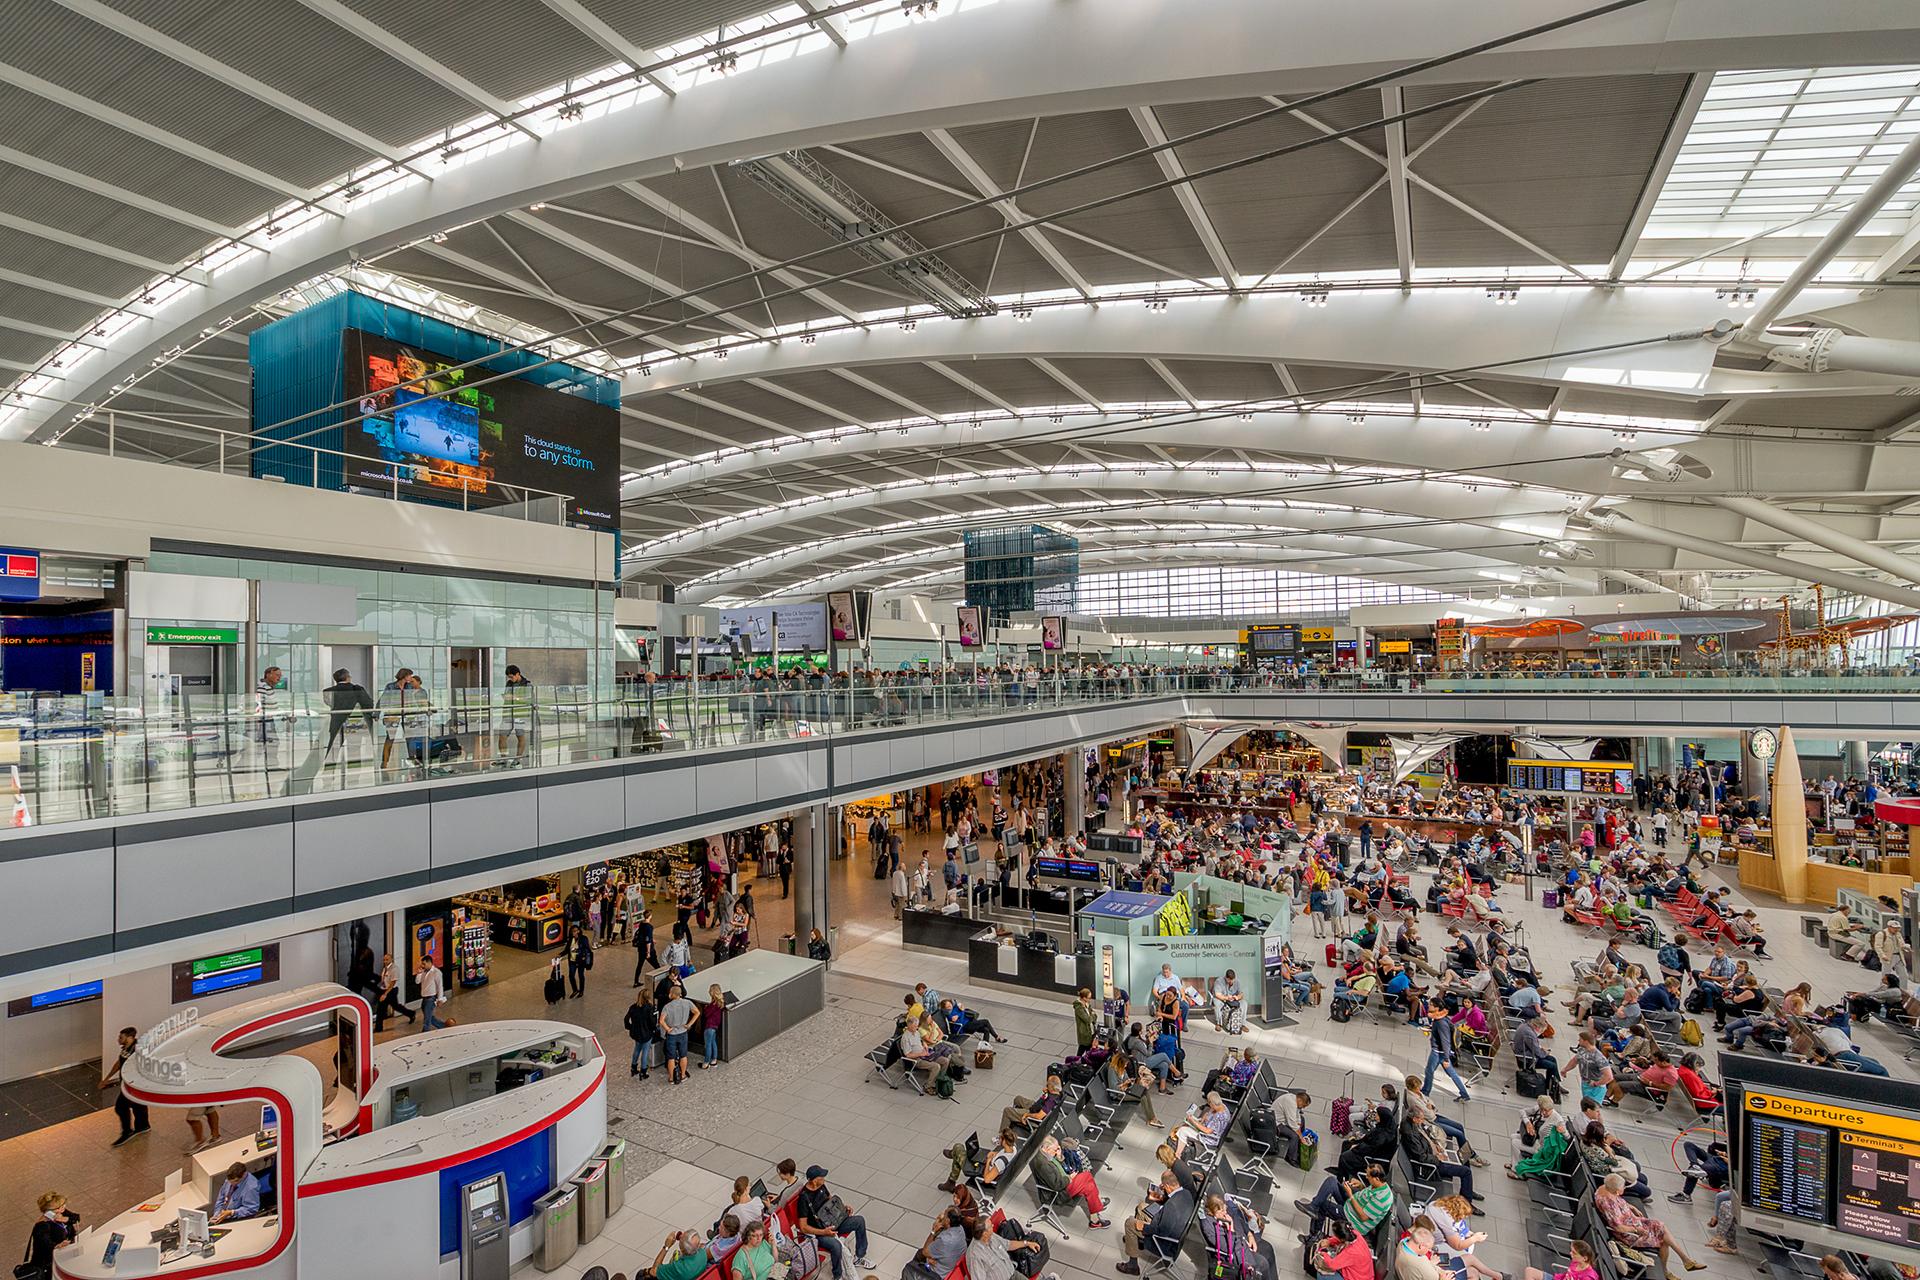 El aeropuerto deHeathrow, en Londres, uno de los afectados por la falla informática